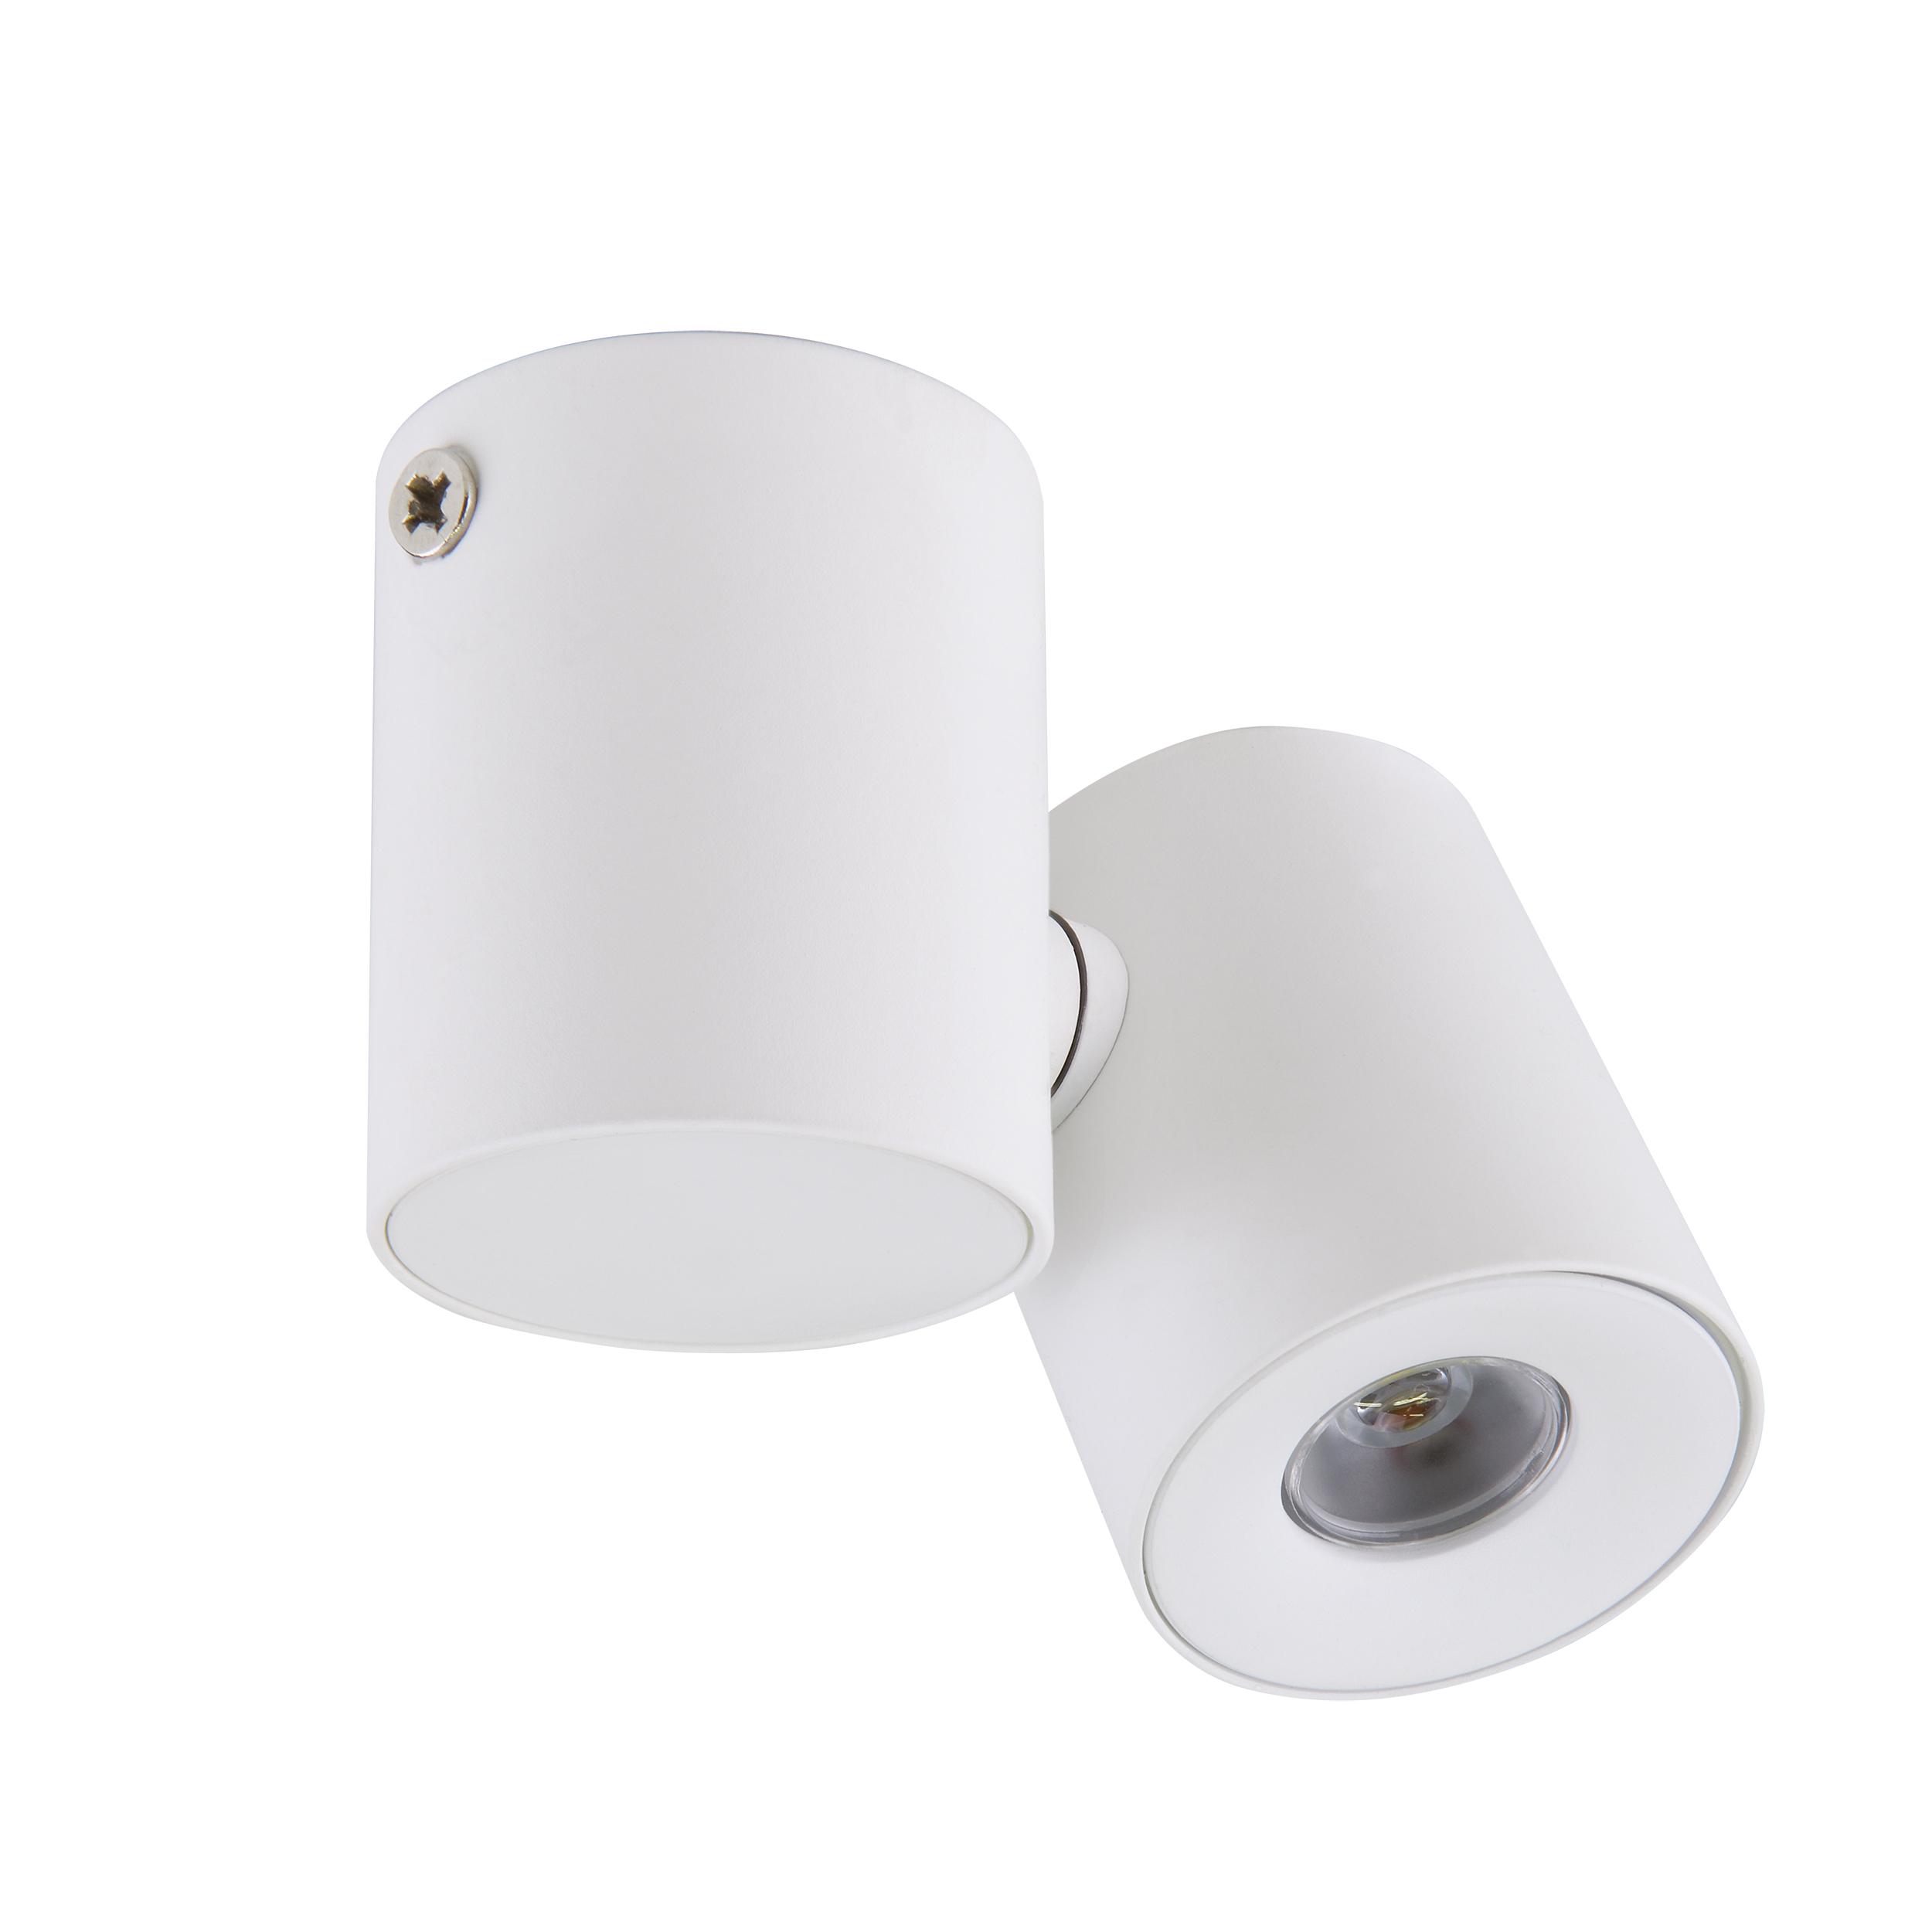 Потолочный светодиодный светильник с регулировкой направления света Lightstar Punto 051126, IP40, 4000K (дневной), белый, металл, стекло - фото 1